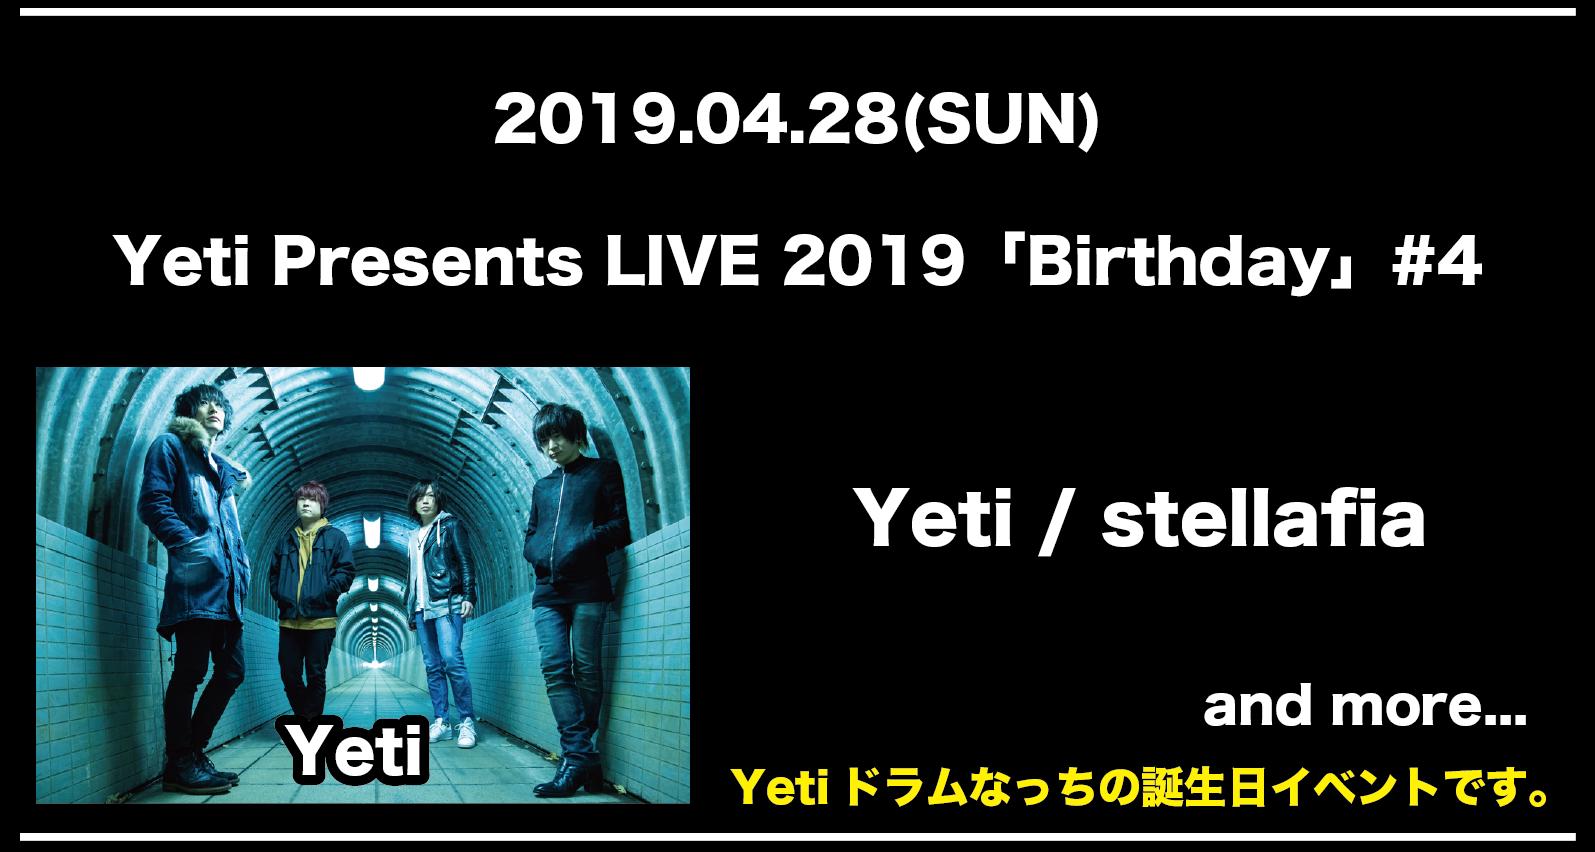 Yeti Presents LIVE 2019「Birthday」#4